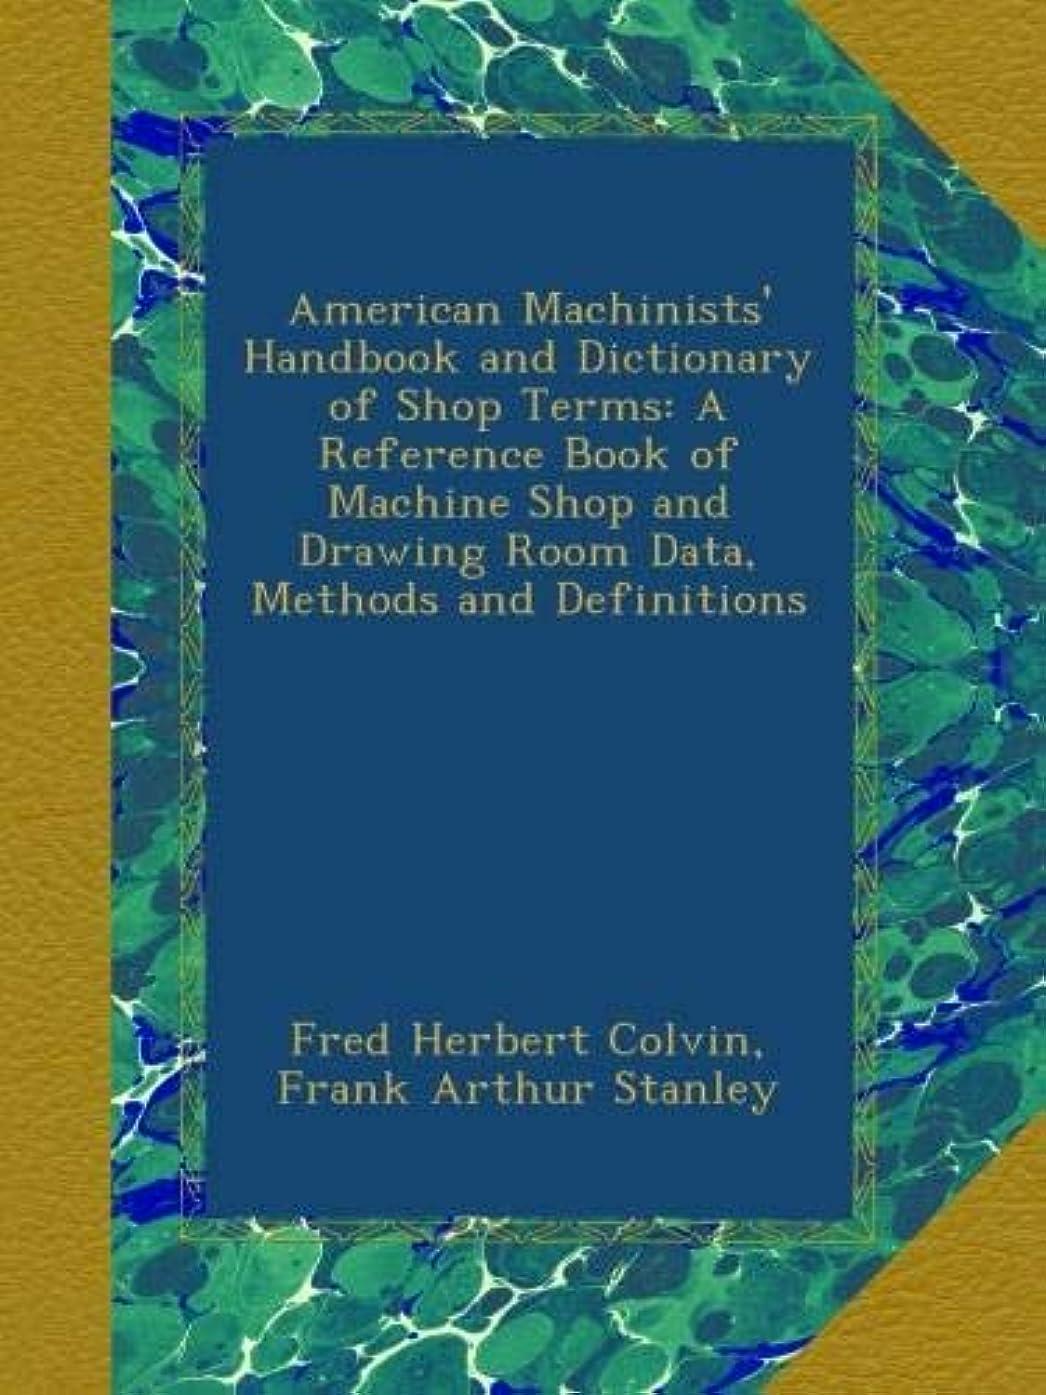 良性時期尚早変換するAmerican Machinists' Handbook and Dictionary of Shop Terms: A Reference Book of Machine Shop and Drawing Room Data, Methods and Definitions